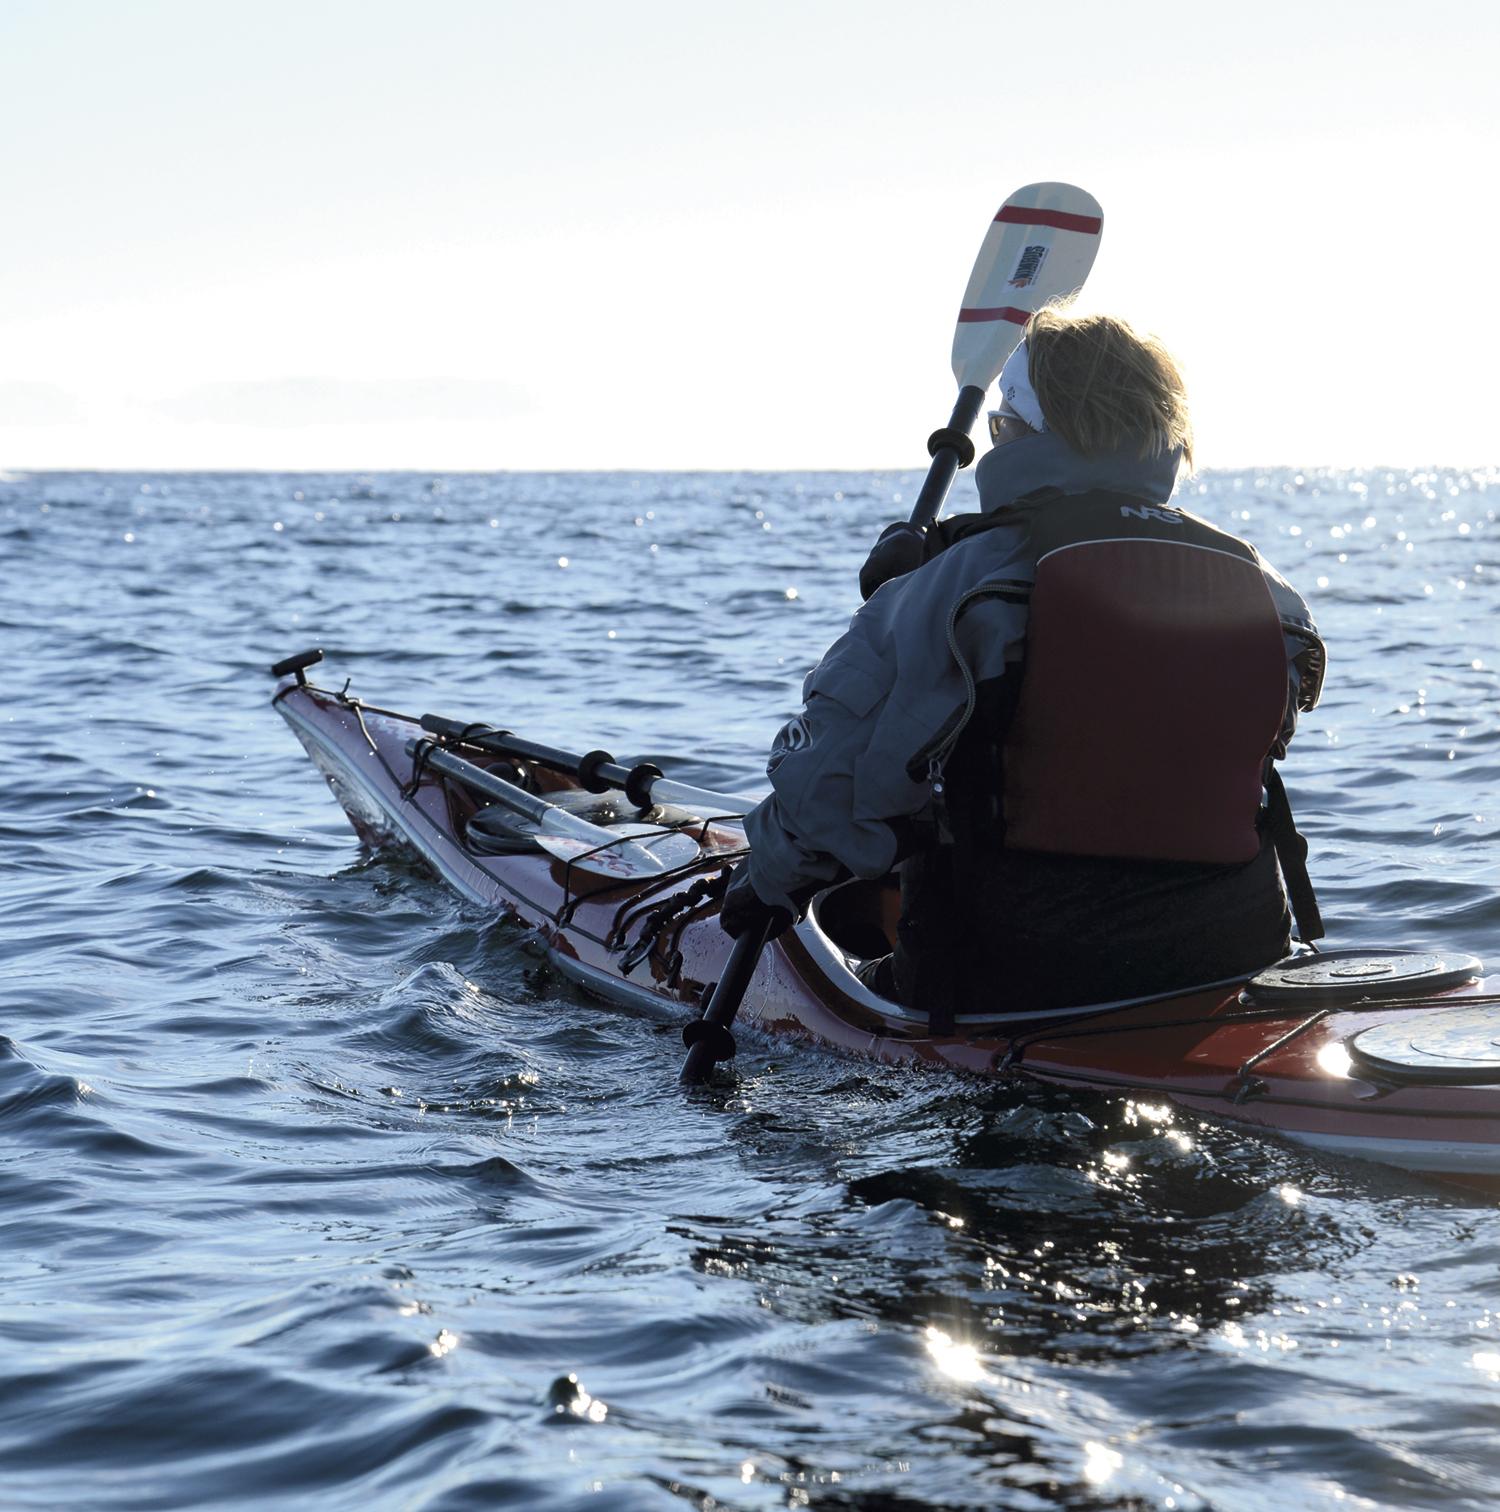 kajakk-på-havet2-Anya.jpg